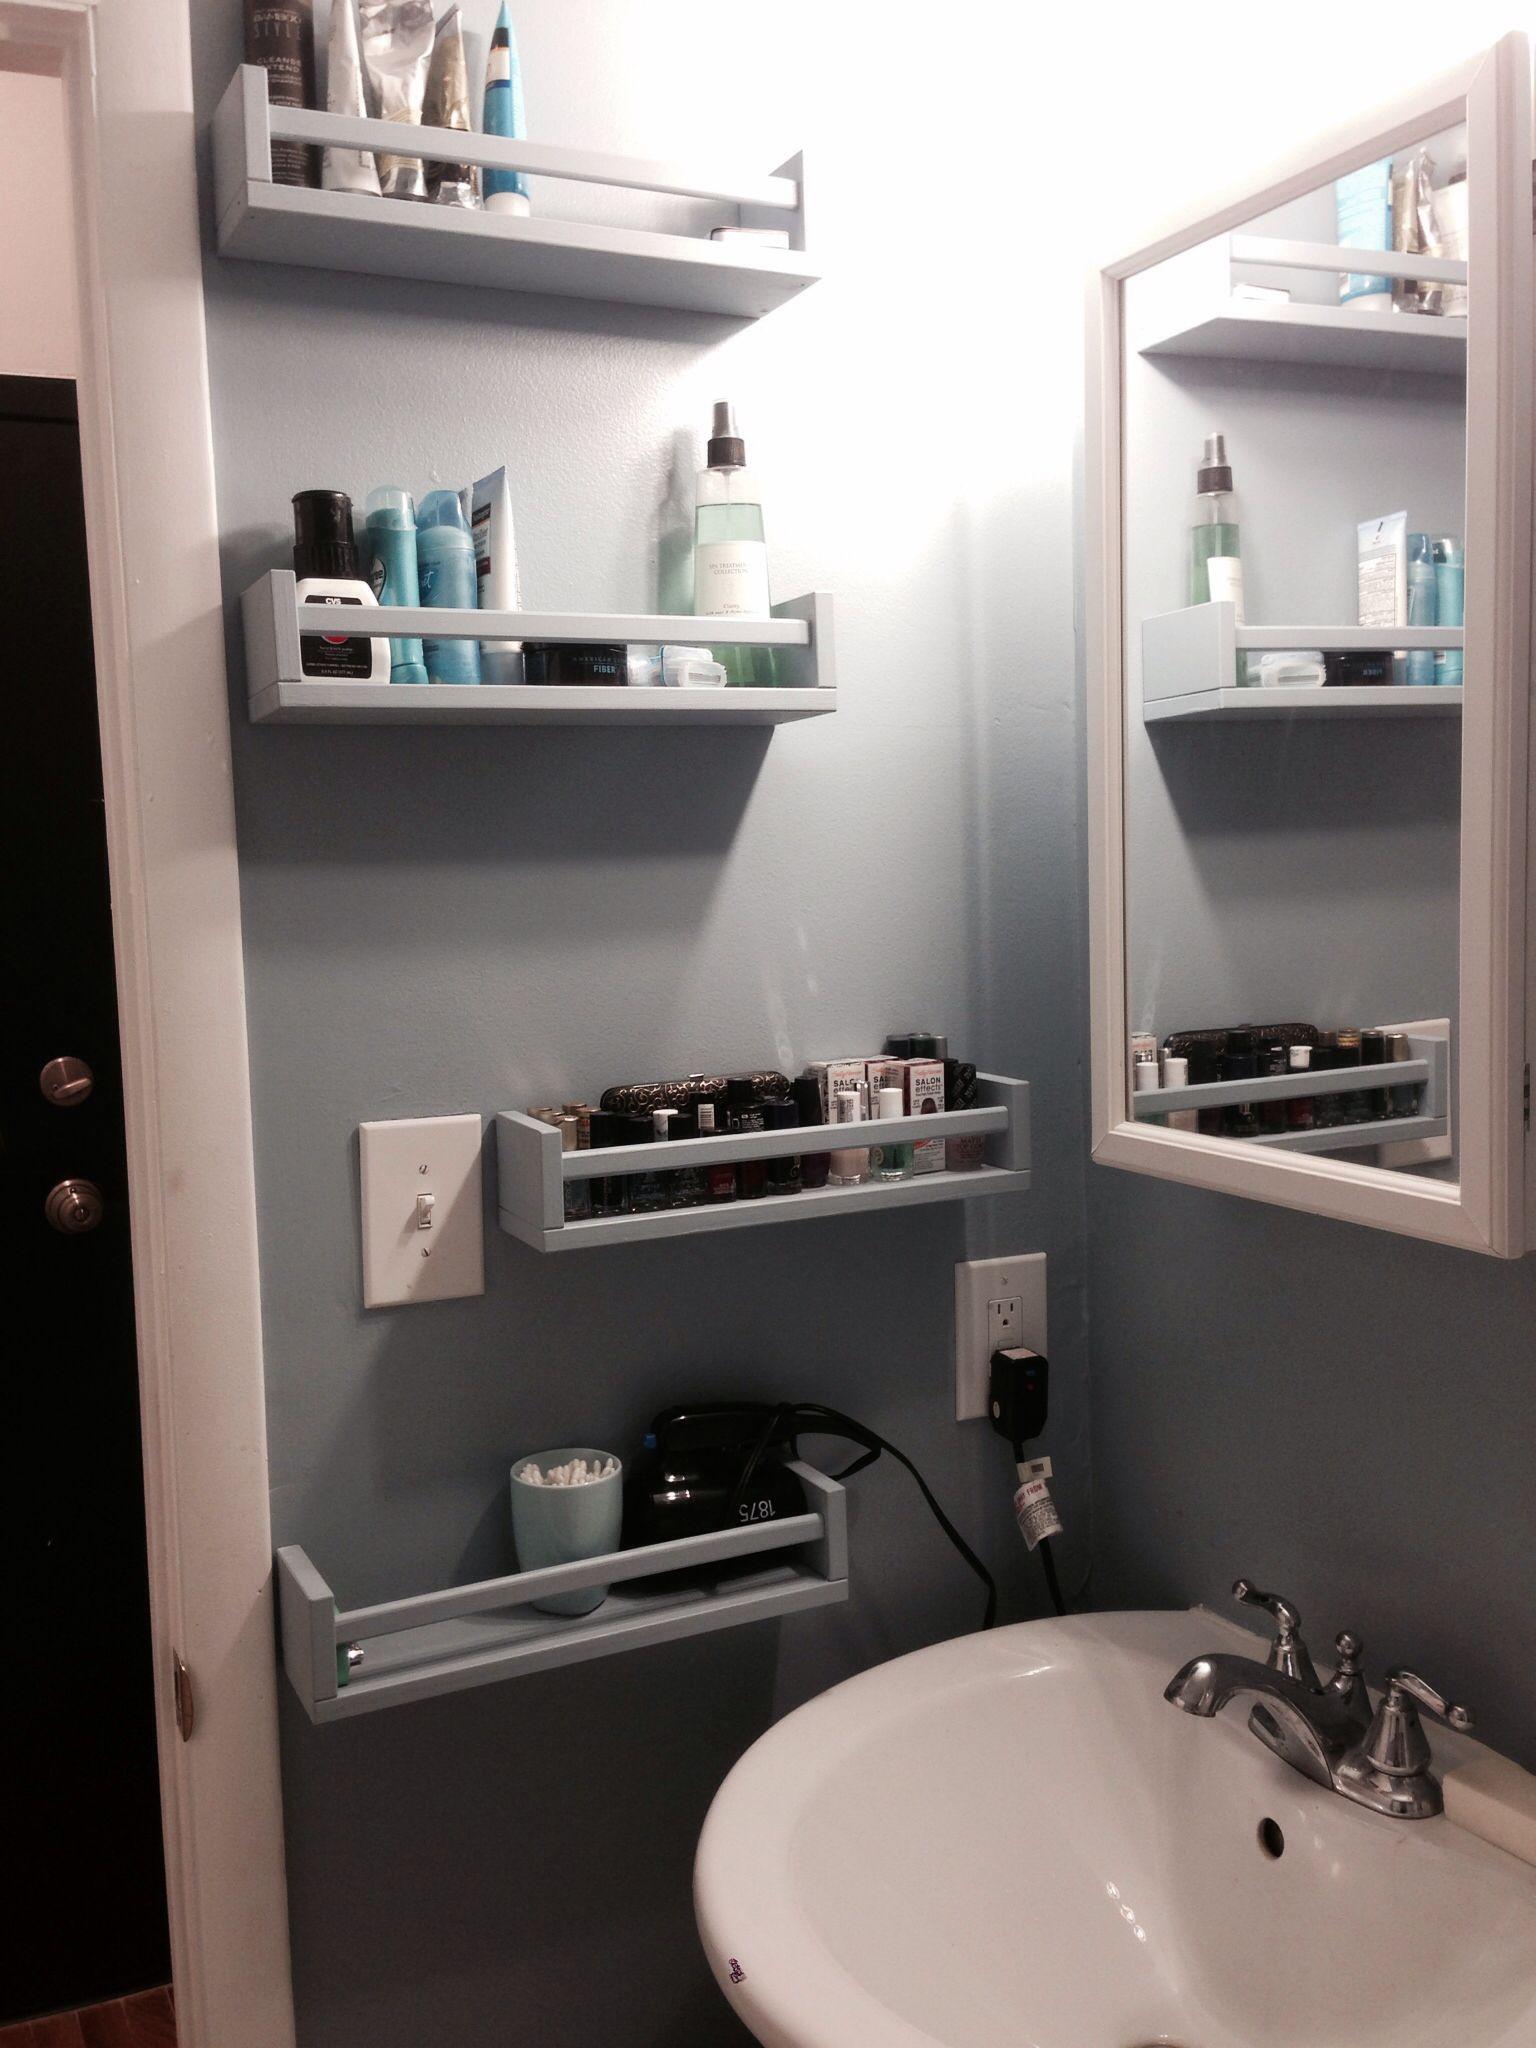 Ikea Bathroom Storage Solutions Listitdallas